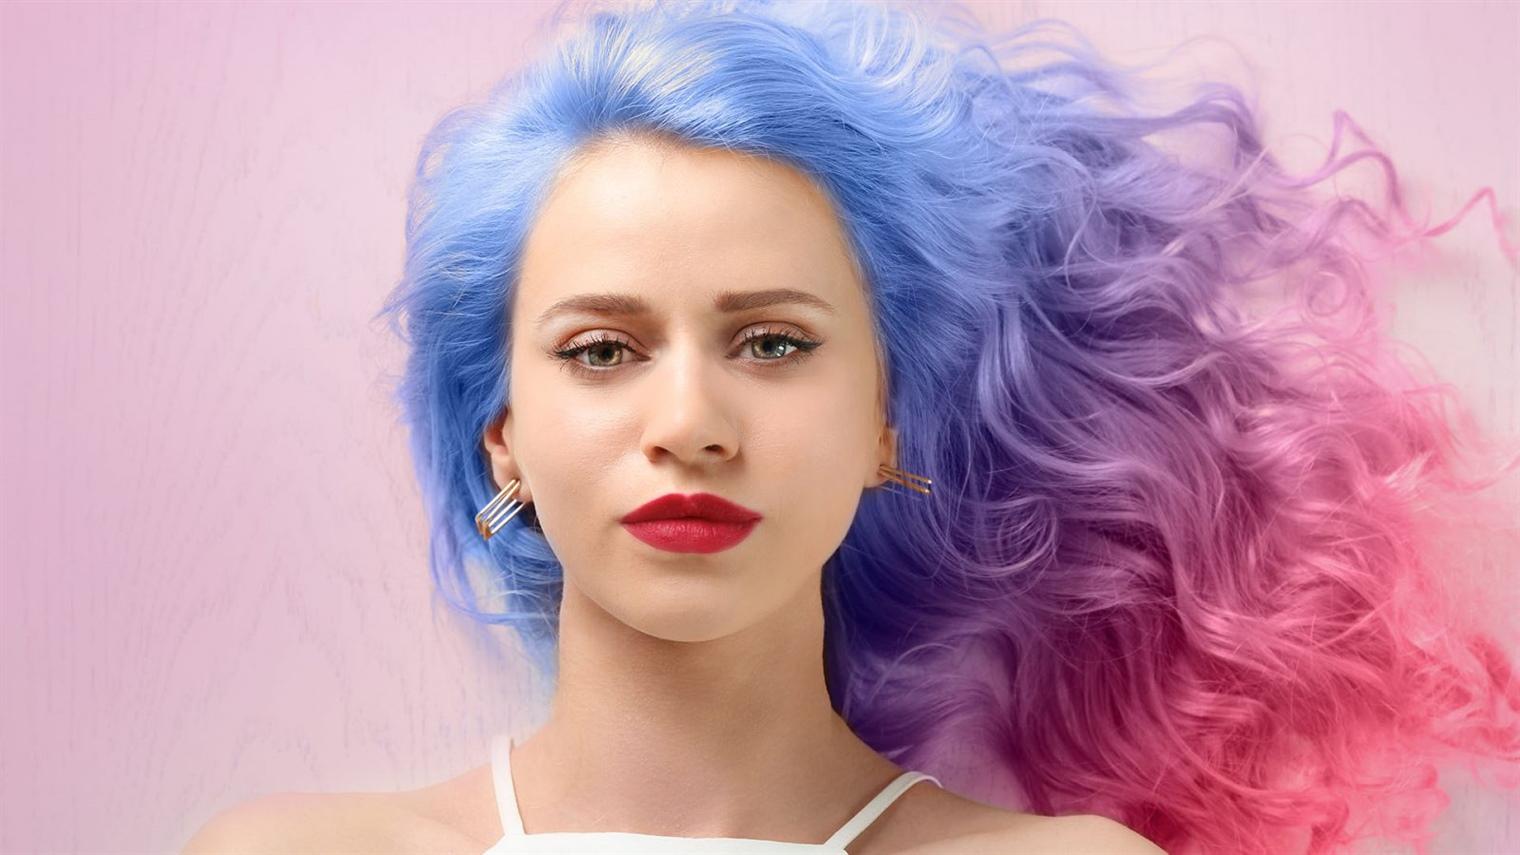 Haarfarben Trends 2020-2021 Ausgezeichnet Wenn wir über eine Änderung der Haarfarbe nachdenken, suchen wir normalerweise nach Ratschlägen, um zu entscheiden, welcher Farbton für unseren Stil ideal ist und wie wir gleichzeitig unsere persönlichen Bedürfnisse und Geschmäcker mit Modetrends kombinieren können.